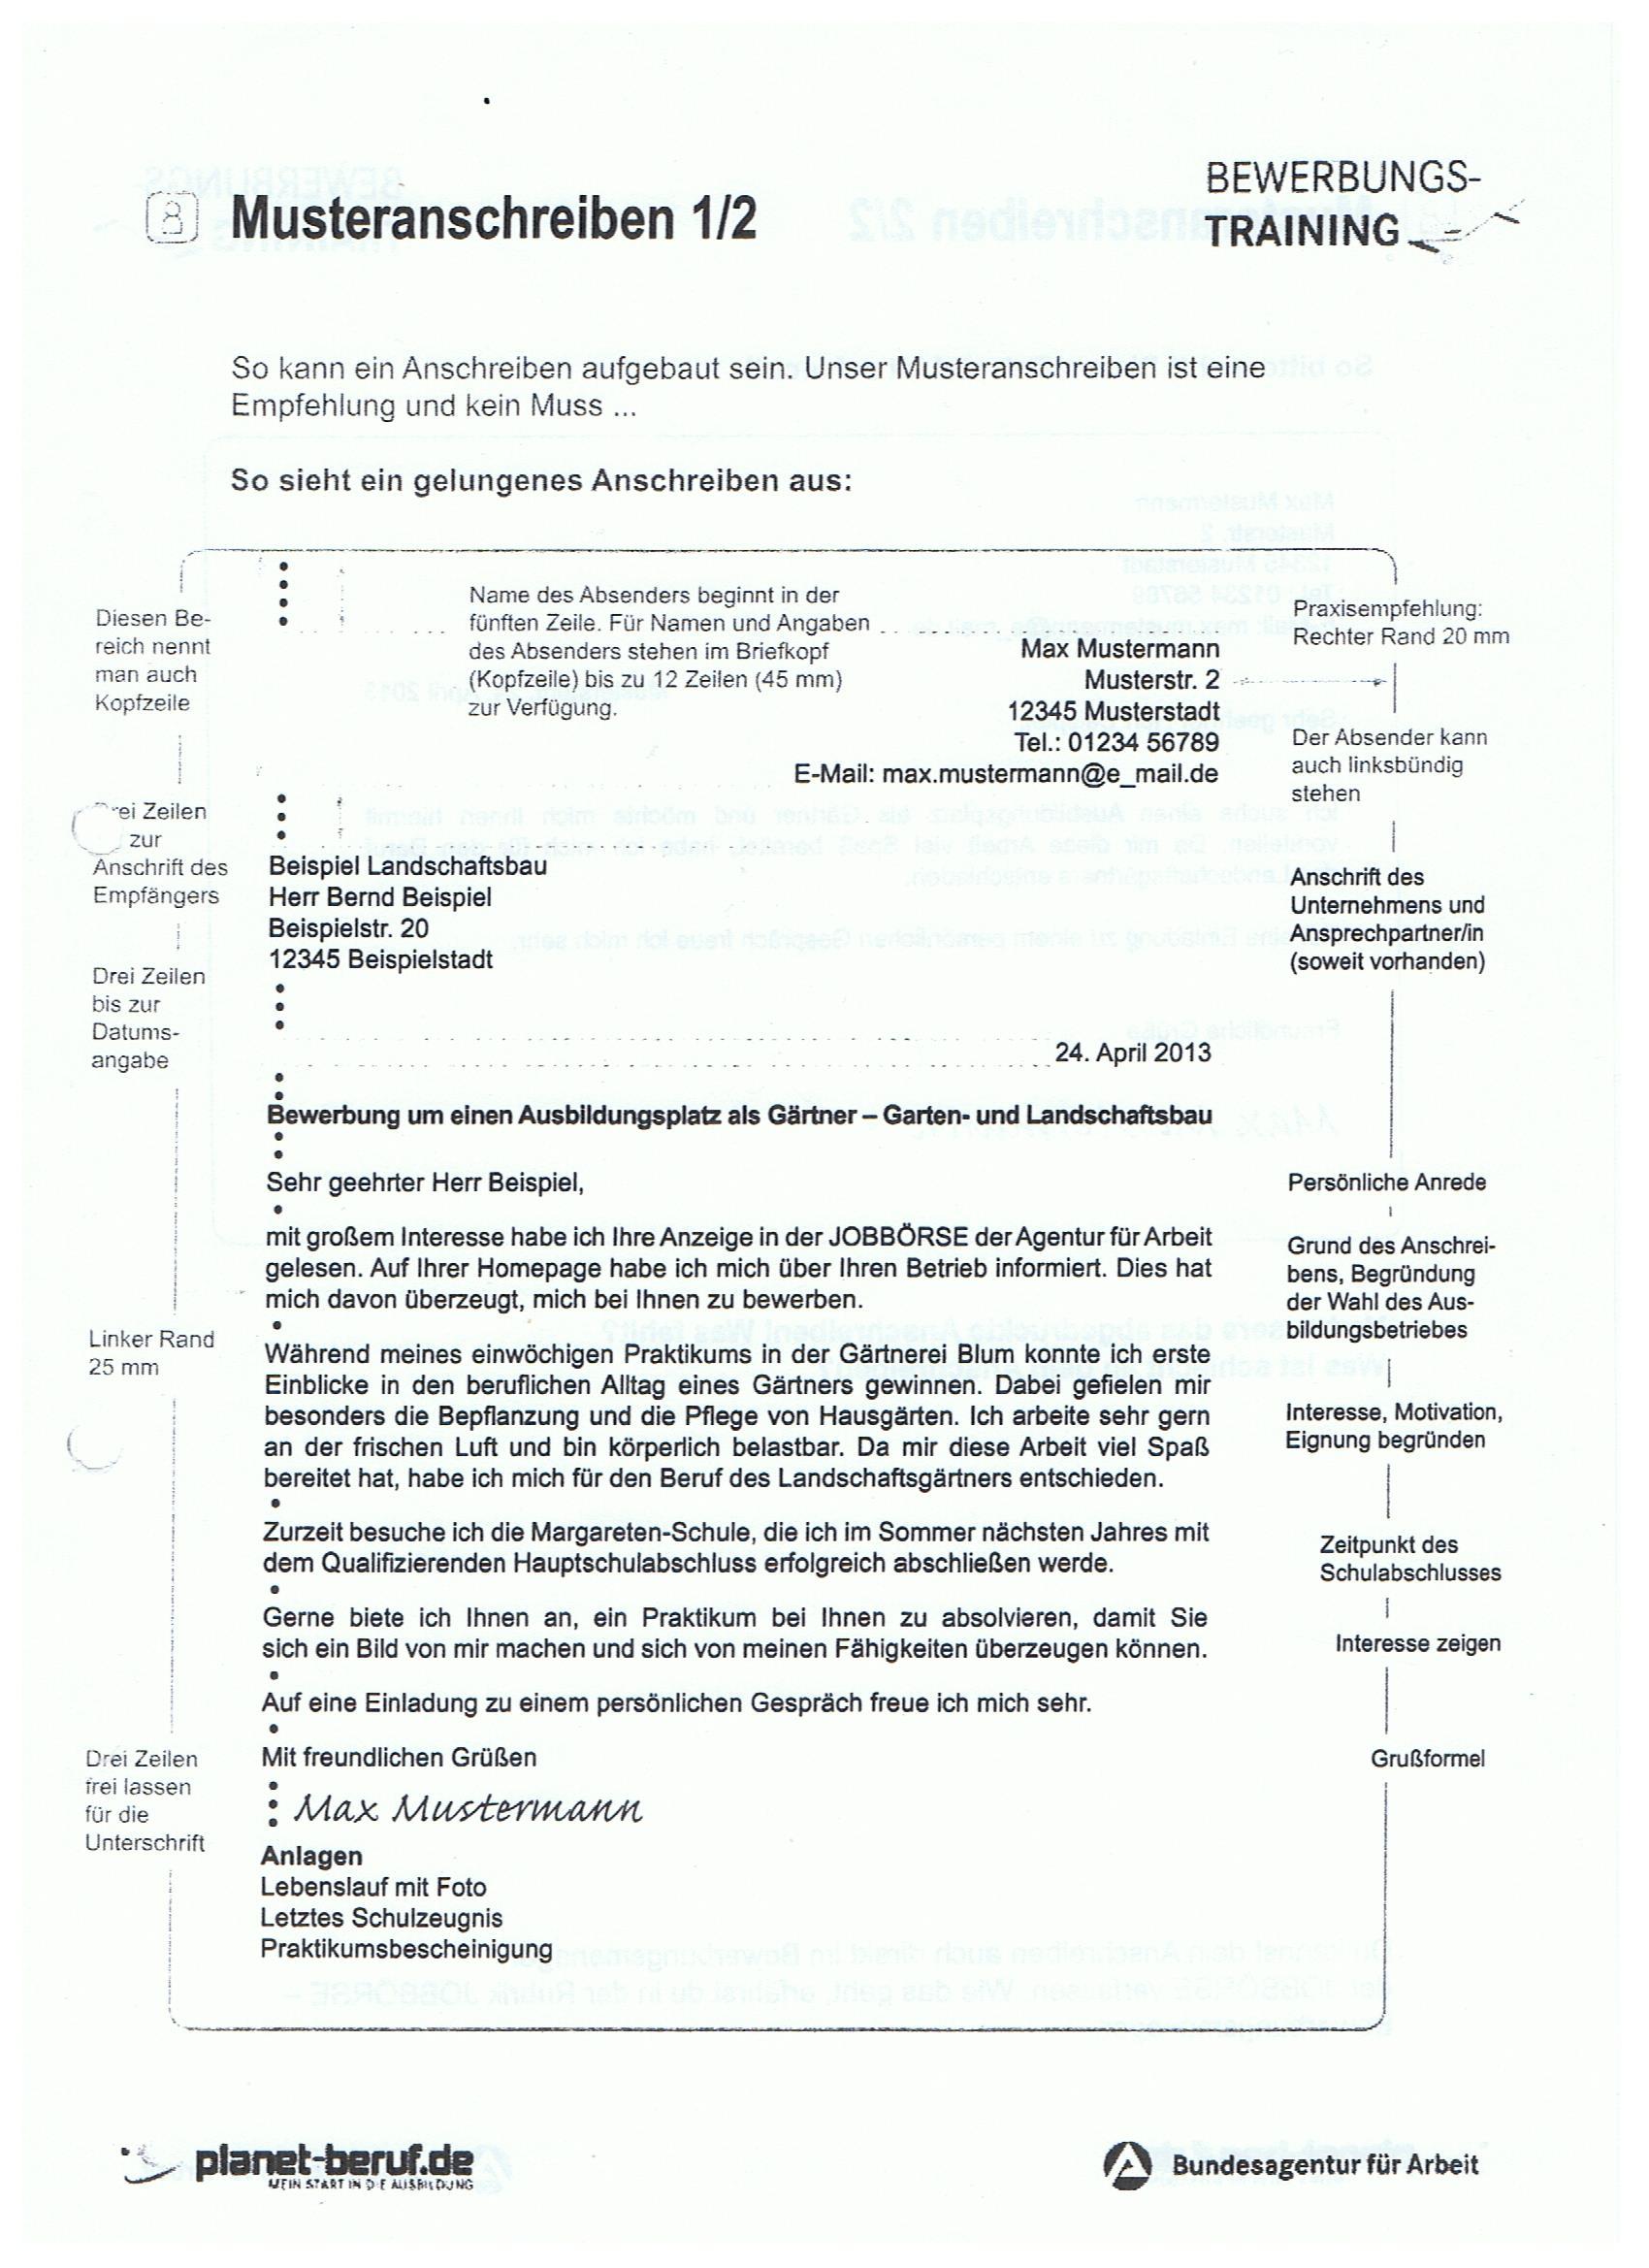 Schön Grundlegende Gliederung Des Lebenslaufs Ideen - Entry Level ...